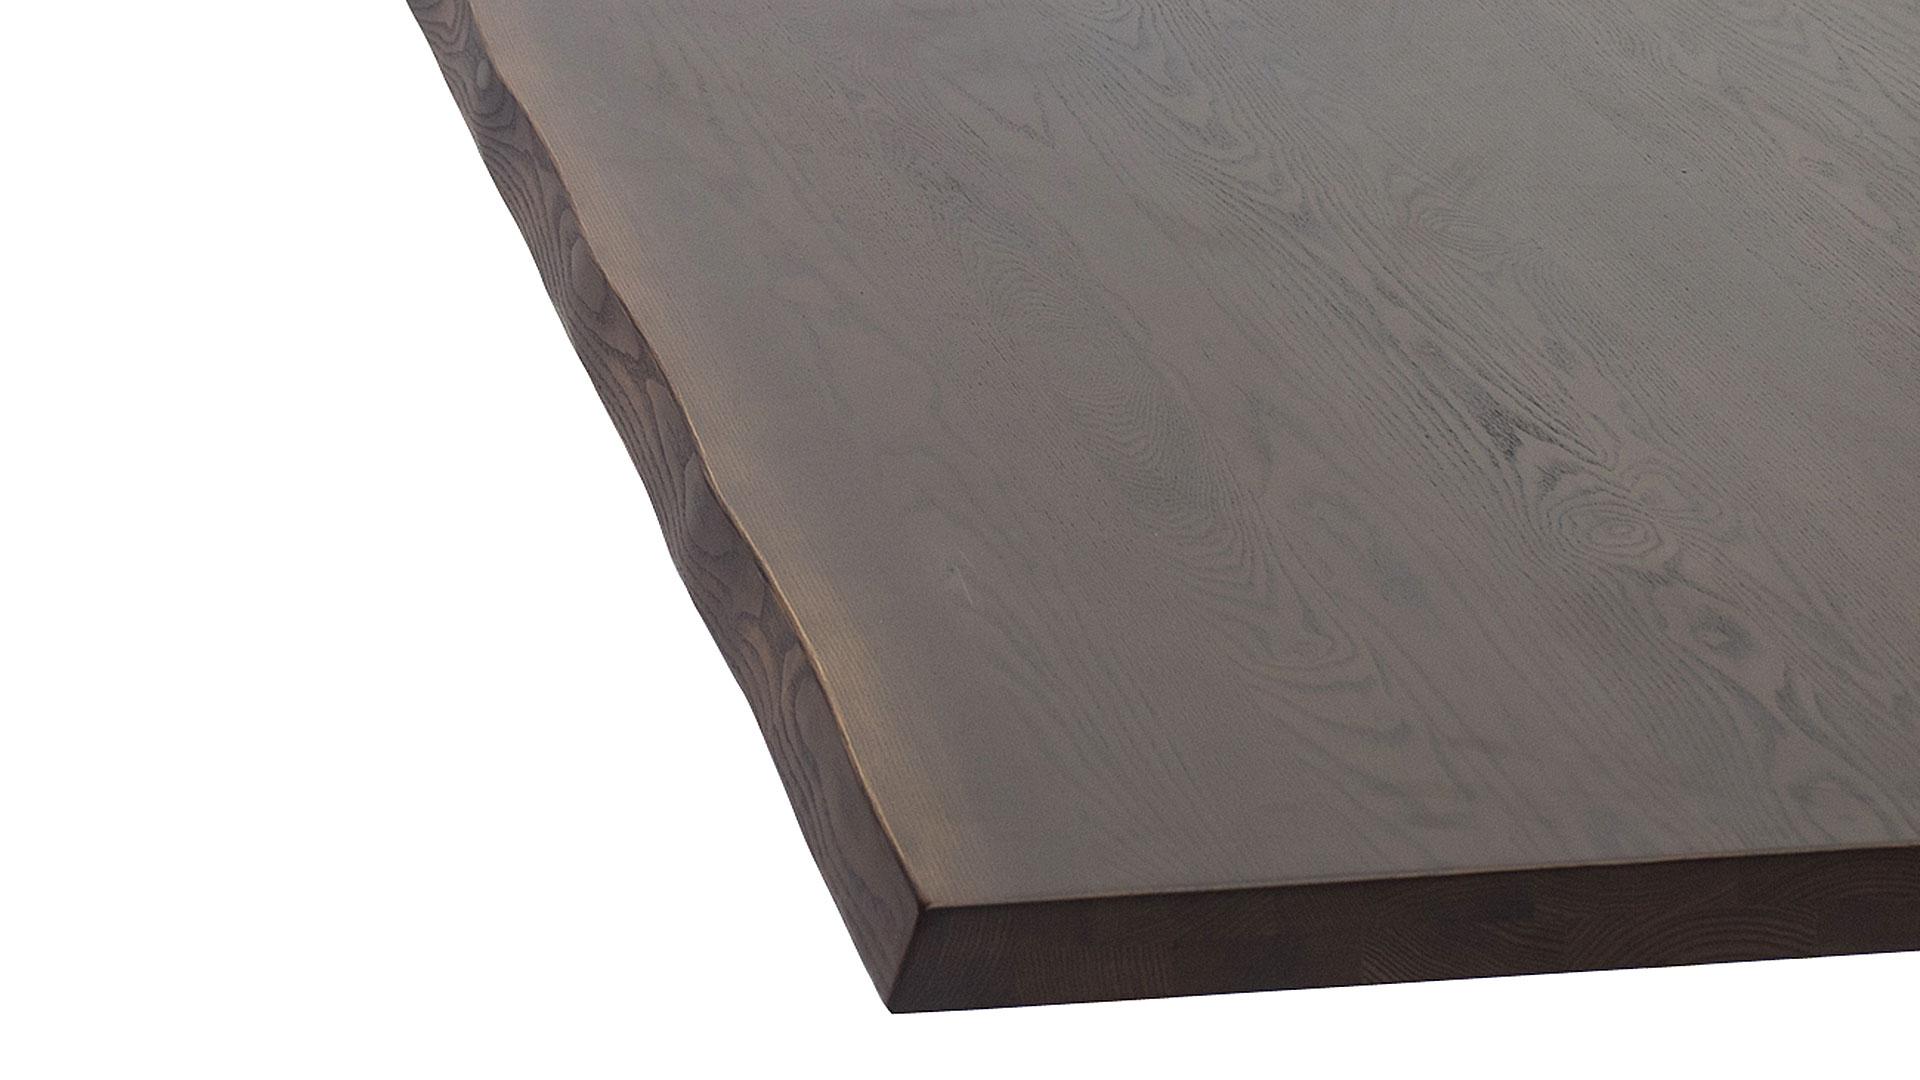 リビンズのダイニングテーブル「シュリエレ」のタモハギ無垢材びアンティーク色の画像